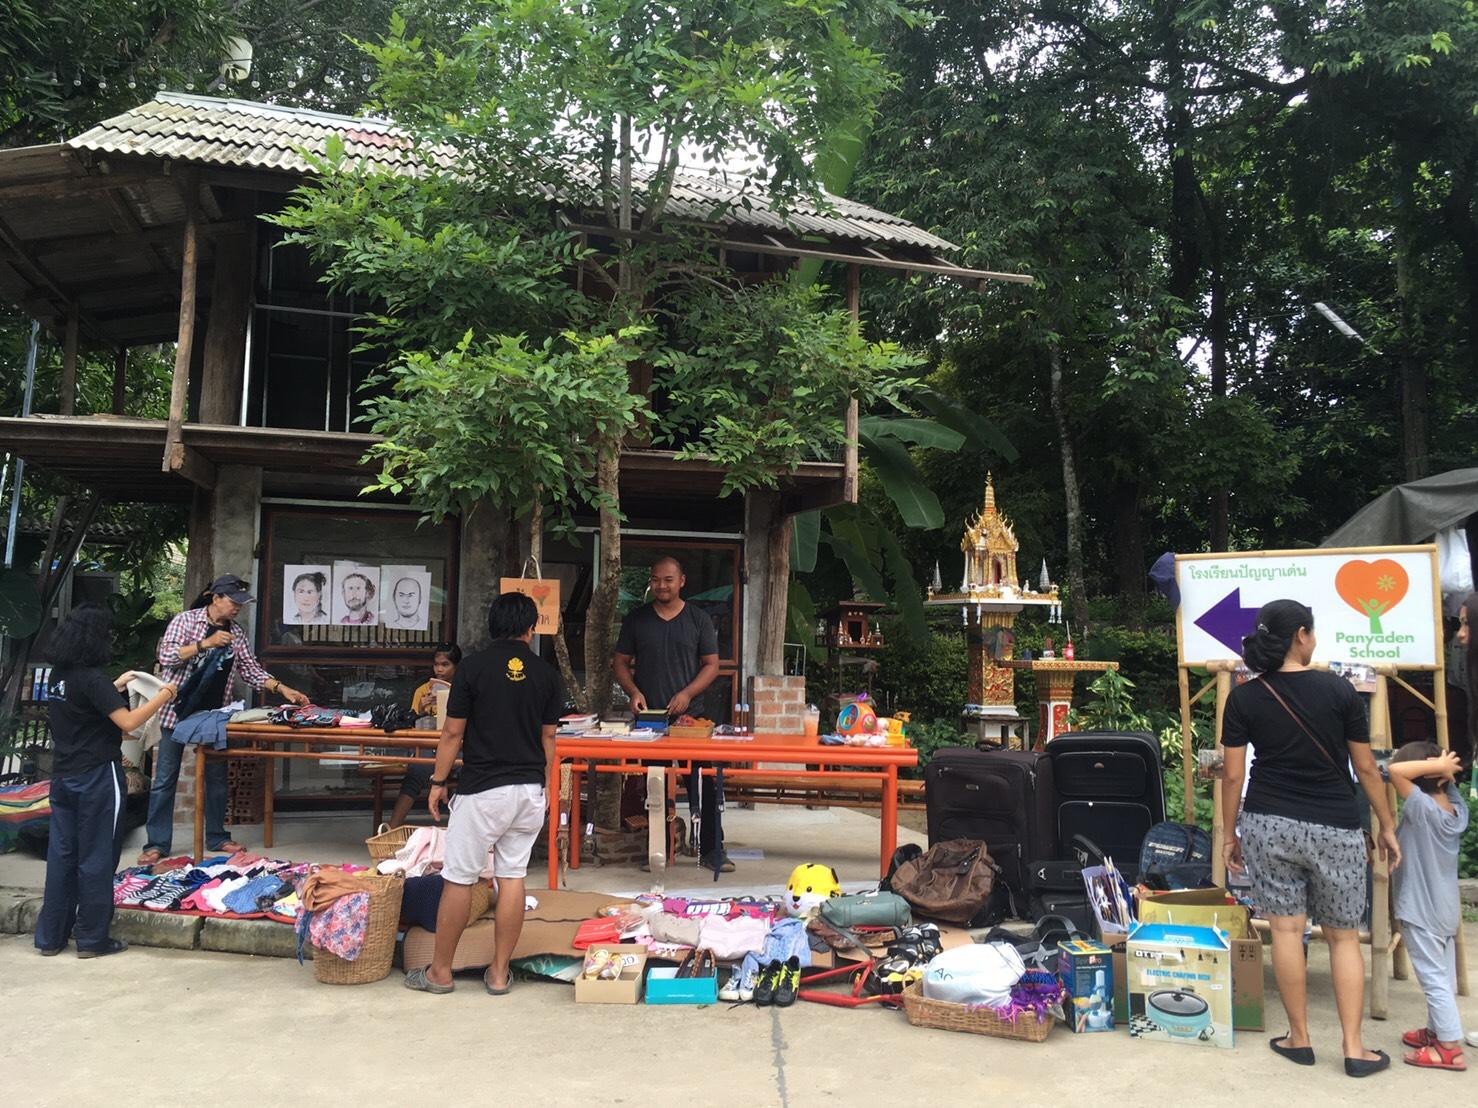 Panyaden Fundraiser at Baan Kang Wat